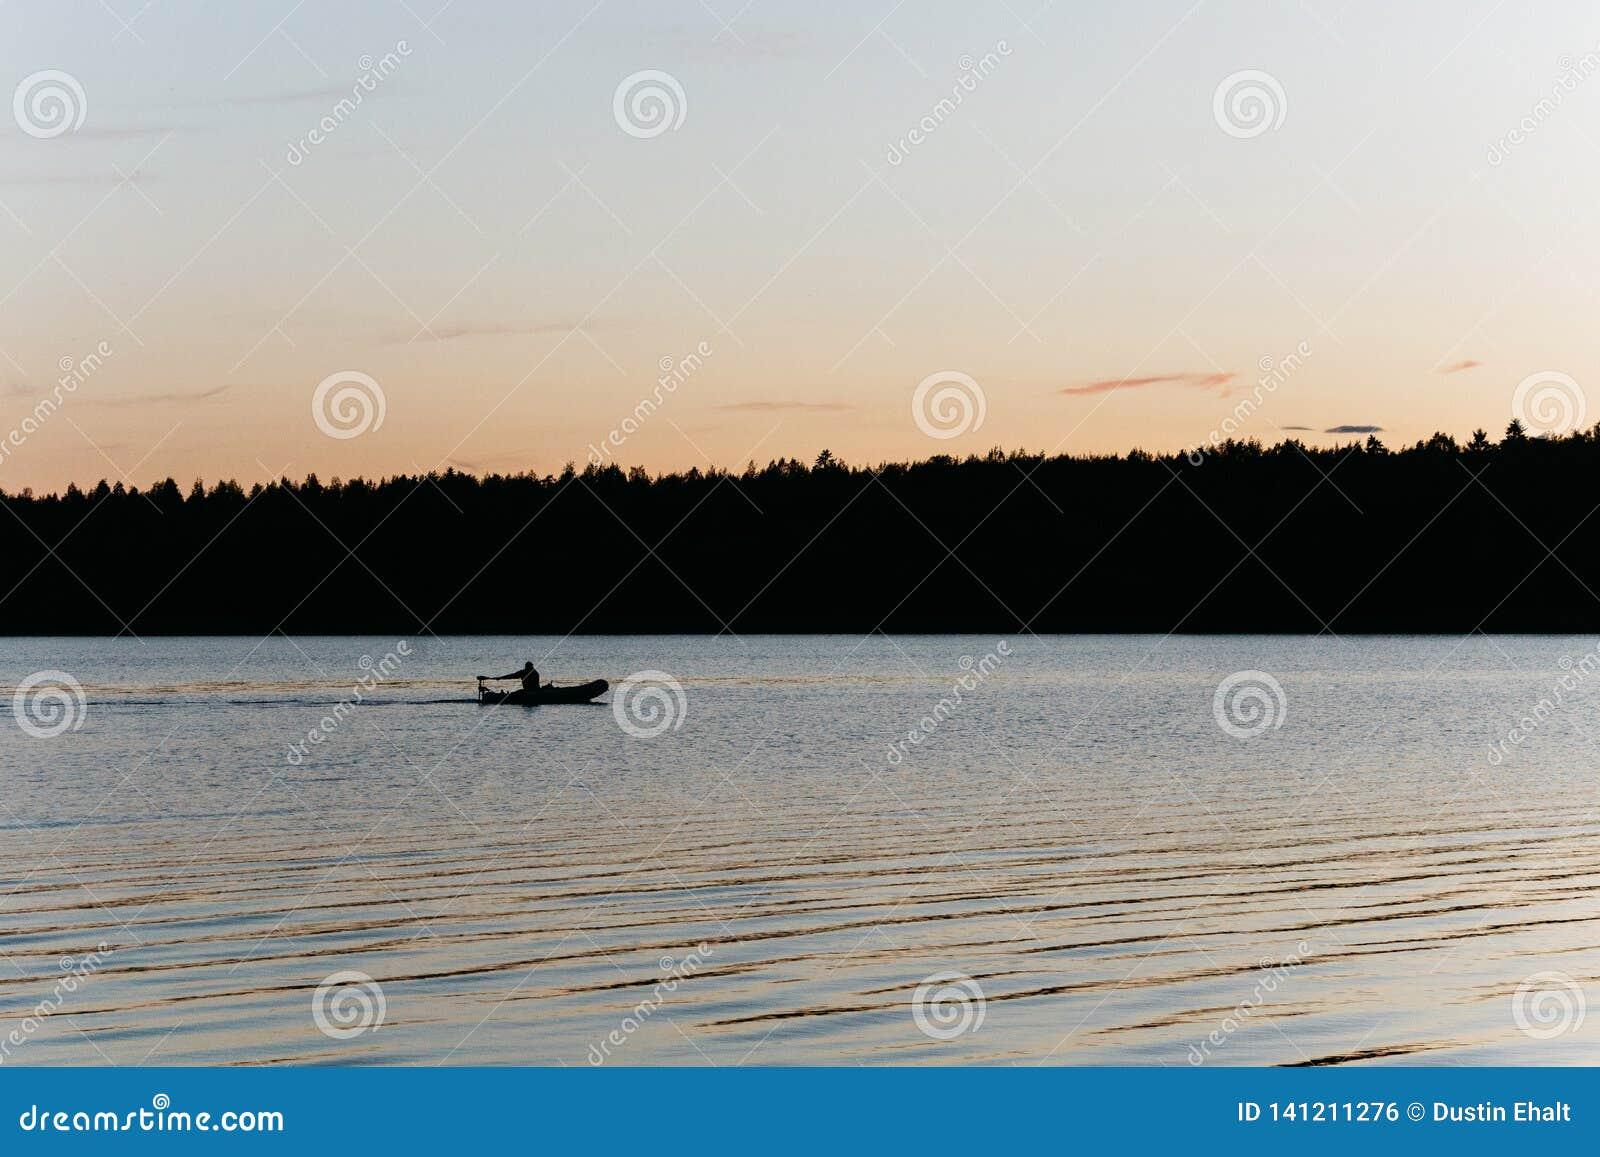 Fischerei des Schattenbildes auf einem kleinen See